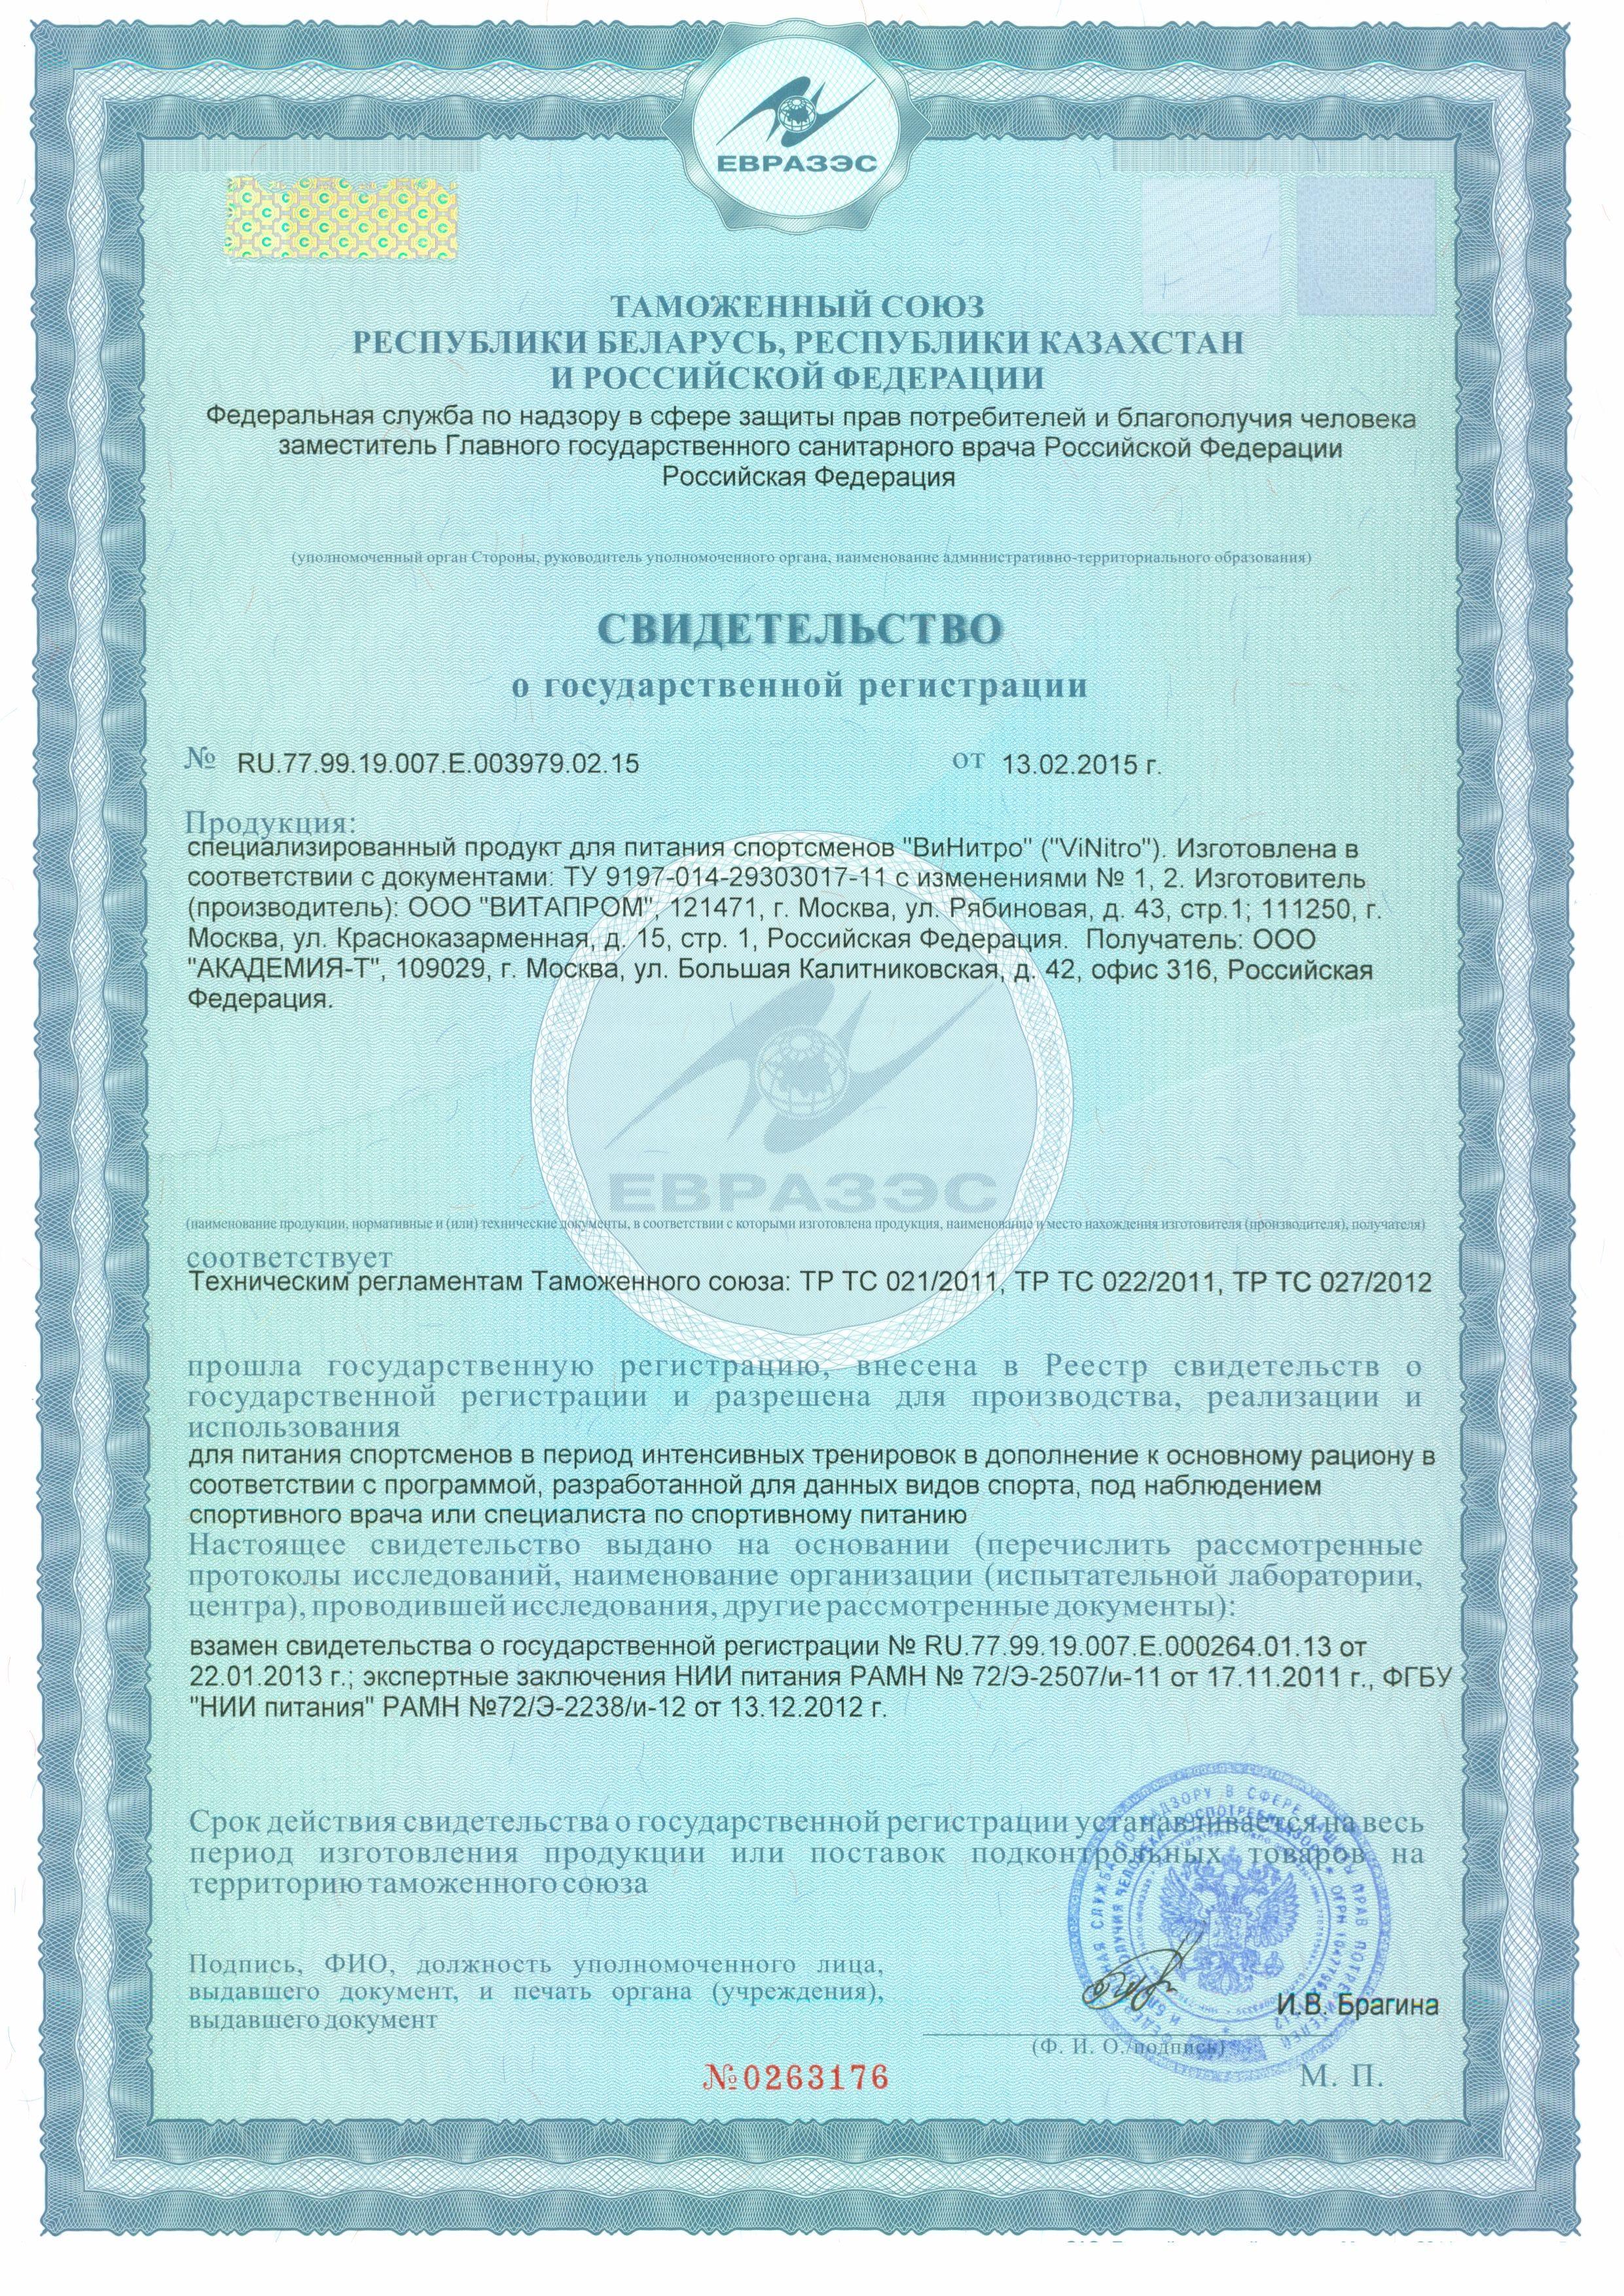 Сертификат ViNitro®